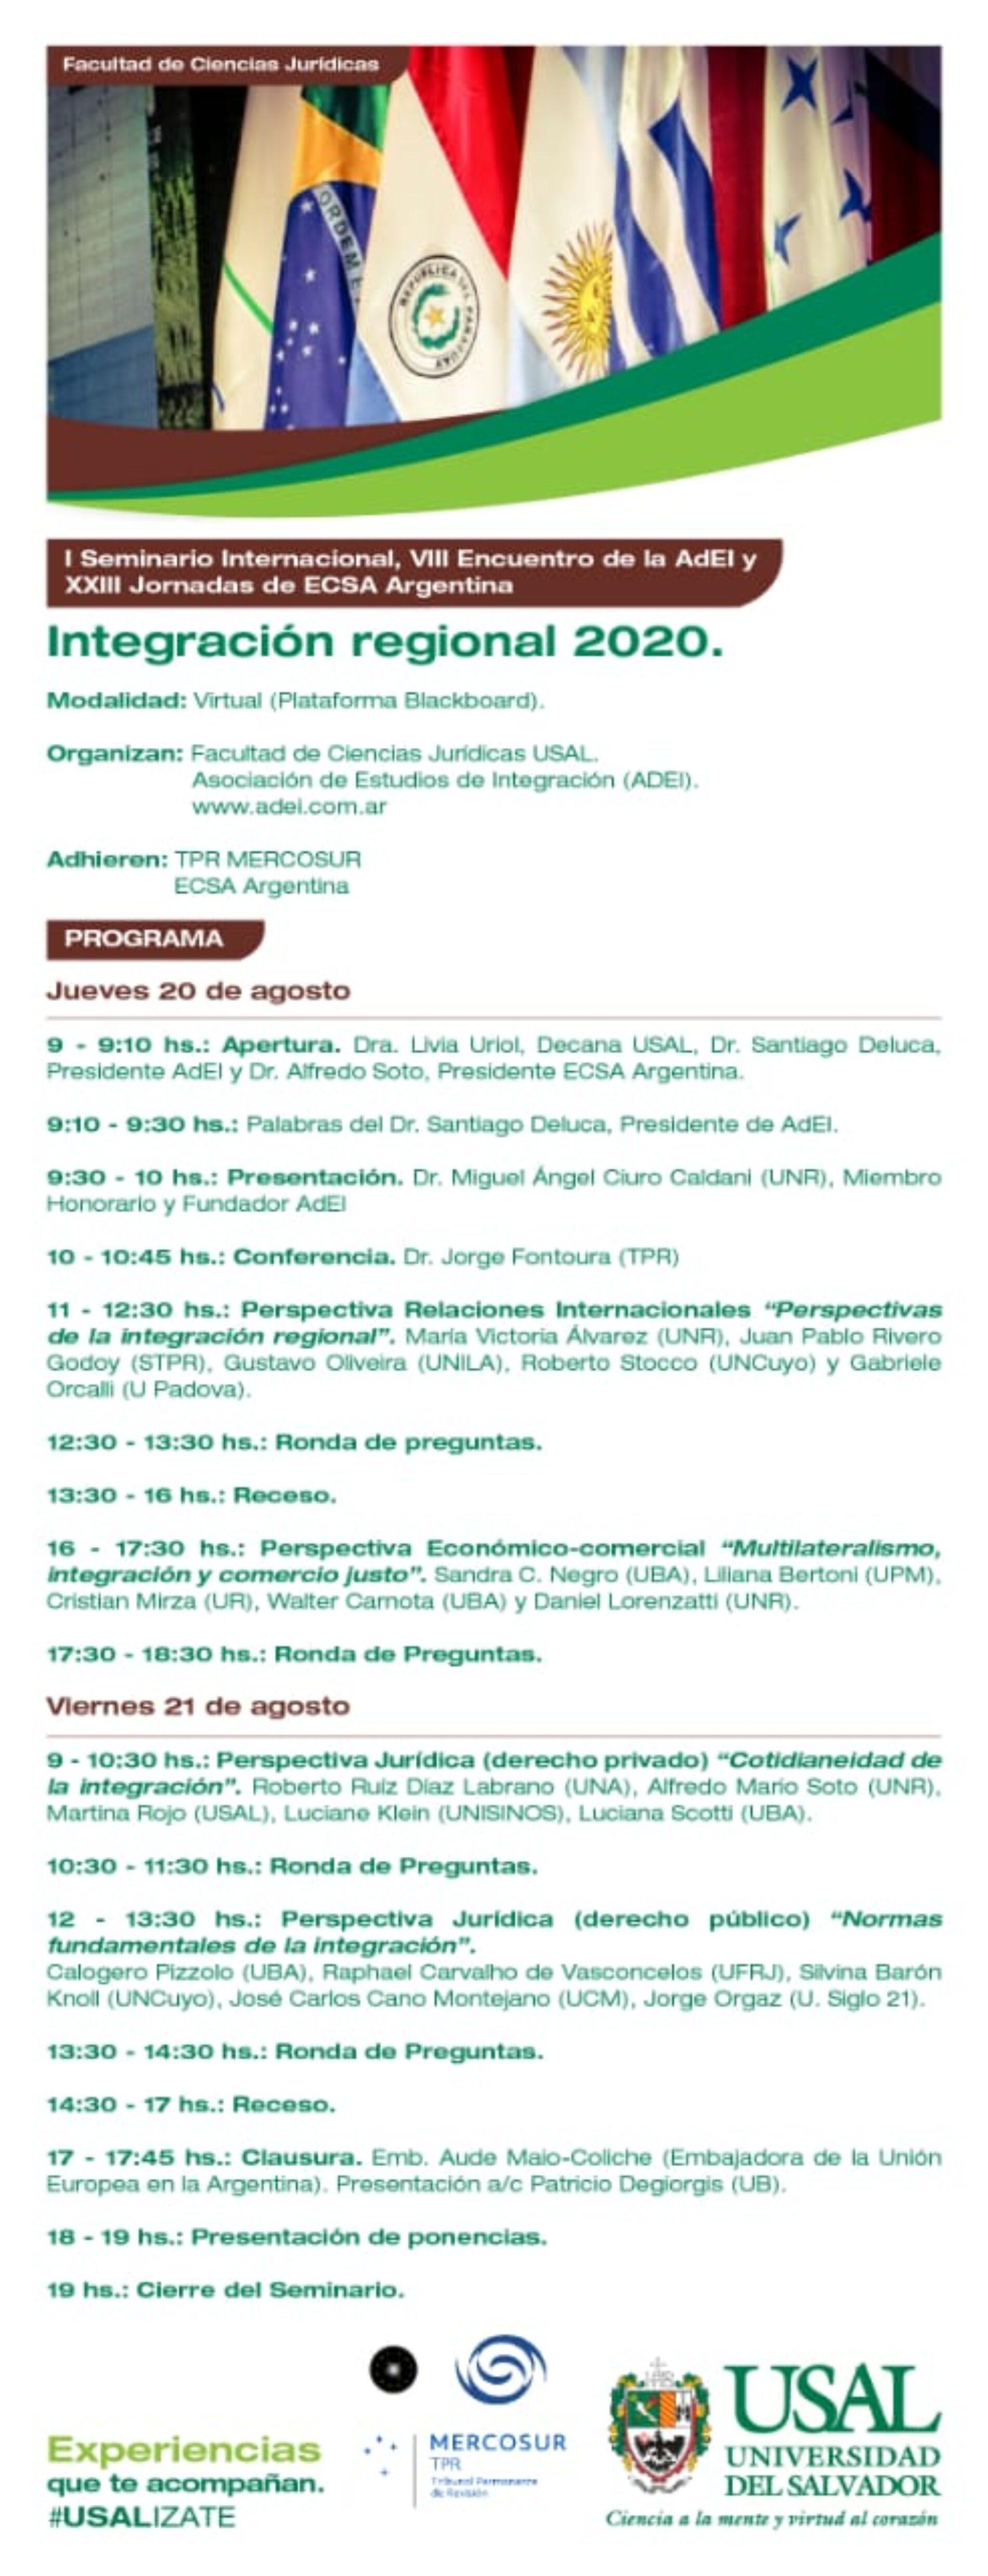 I Seminario Internacional, VIII Encuentro de la AdEI y XXIII Jornadas de ECSA Argentina.